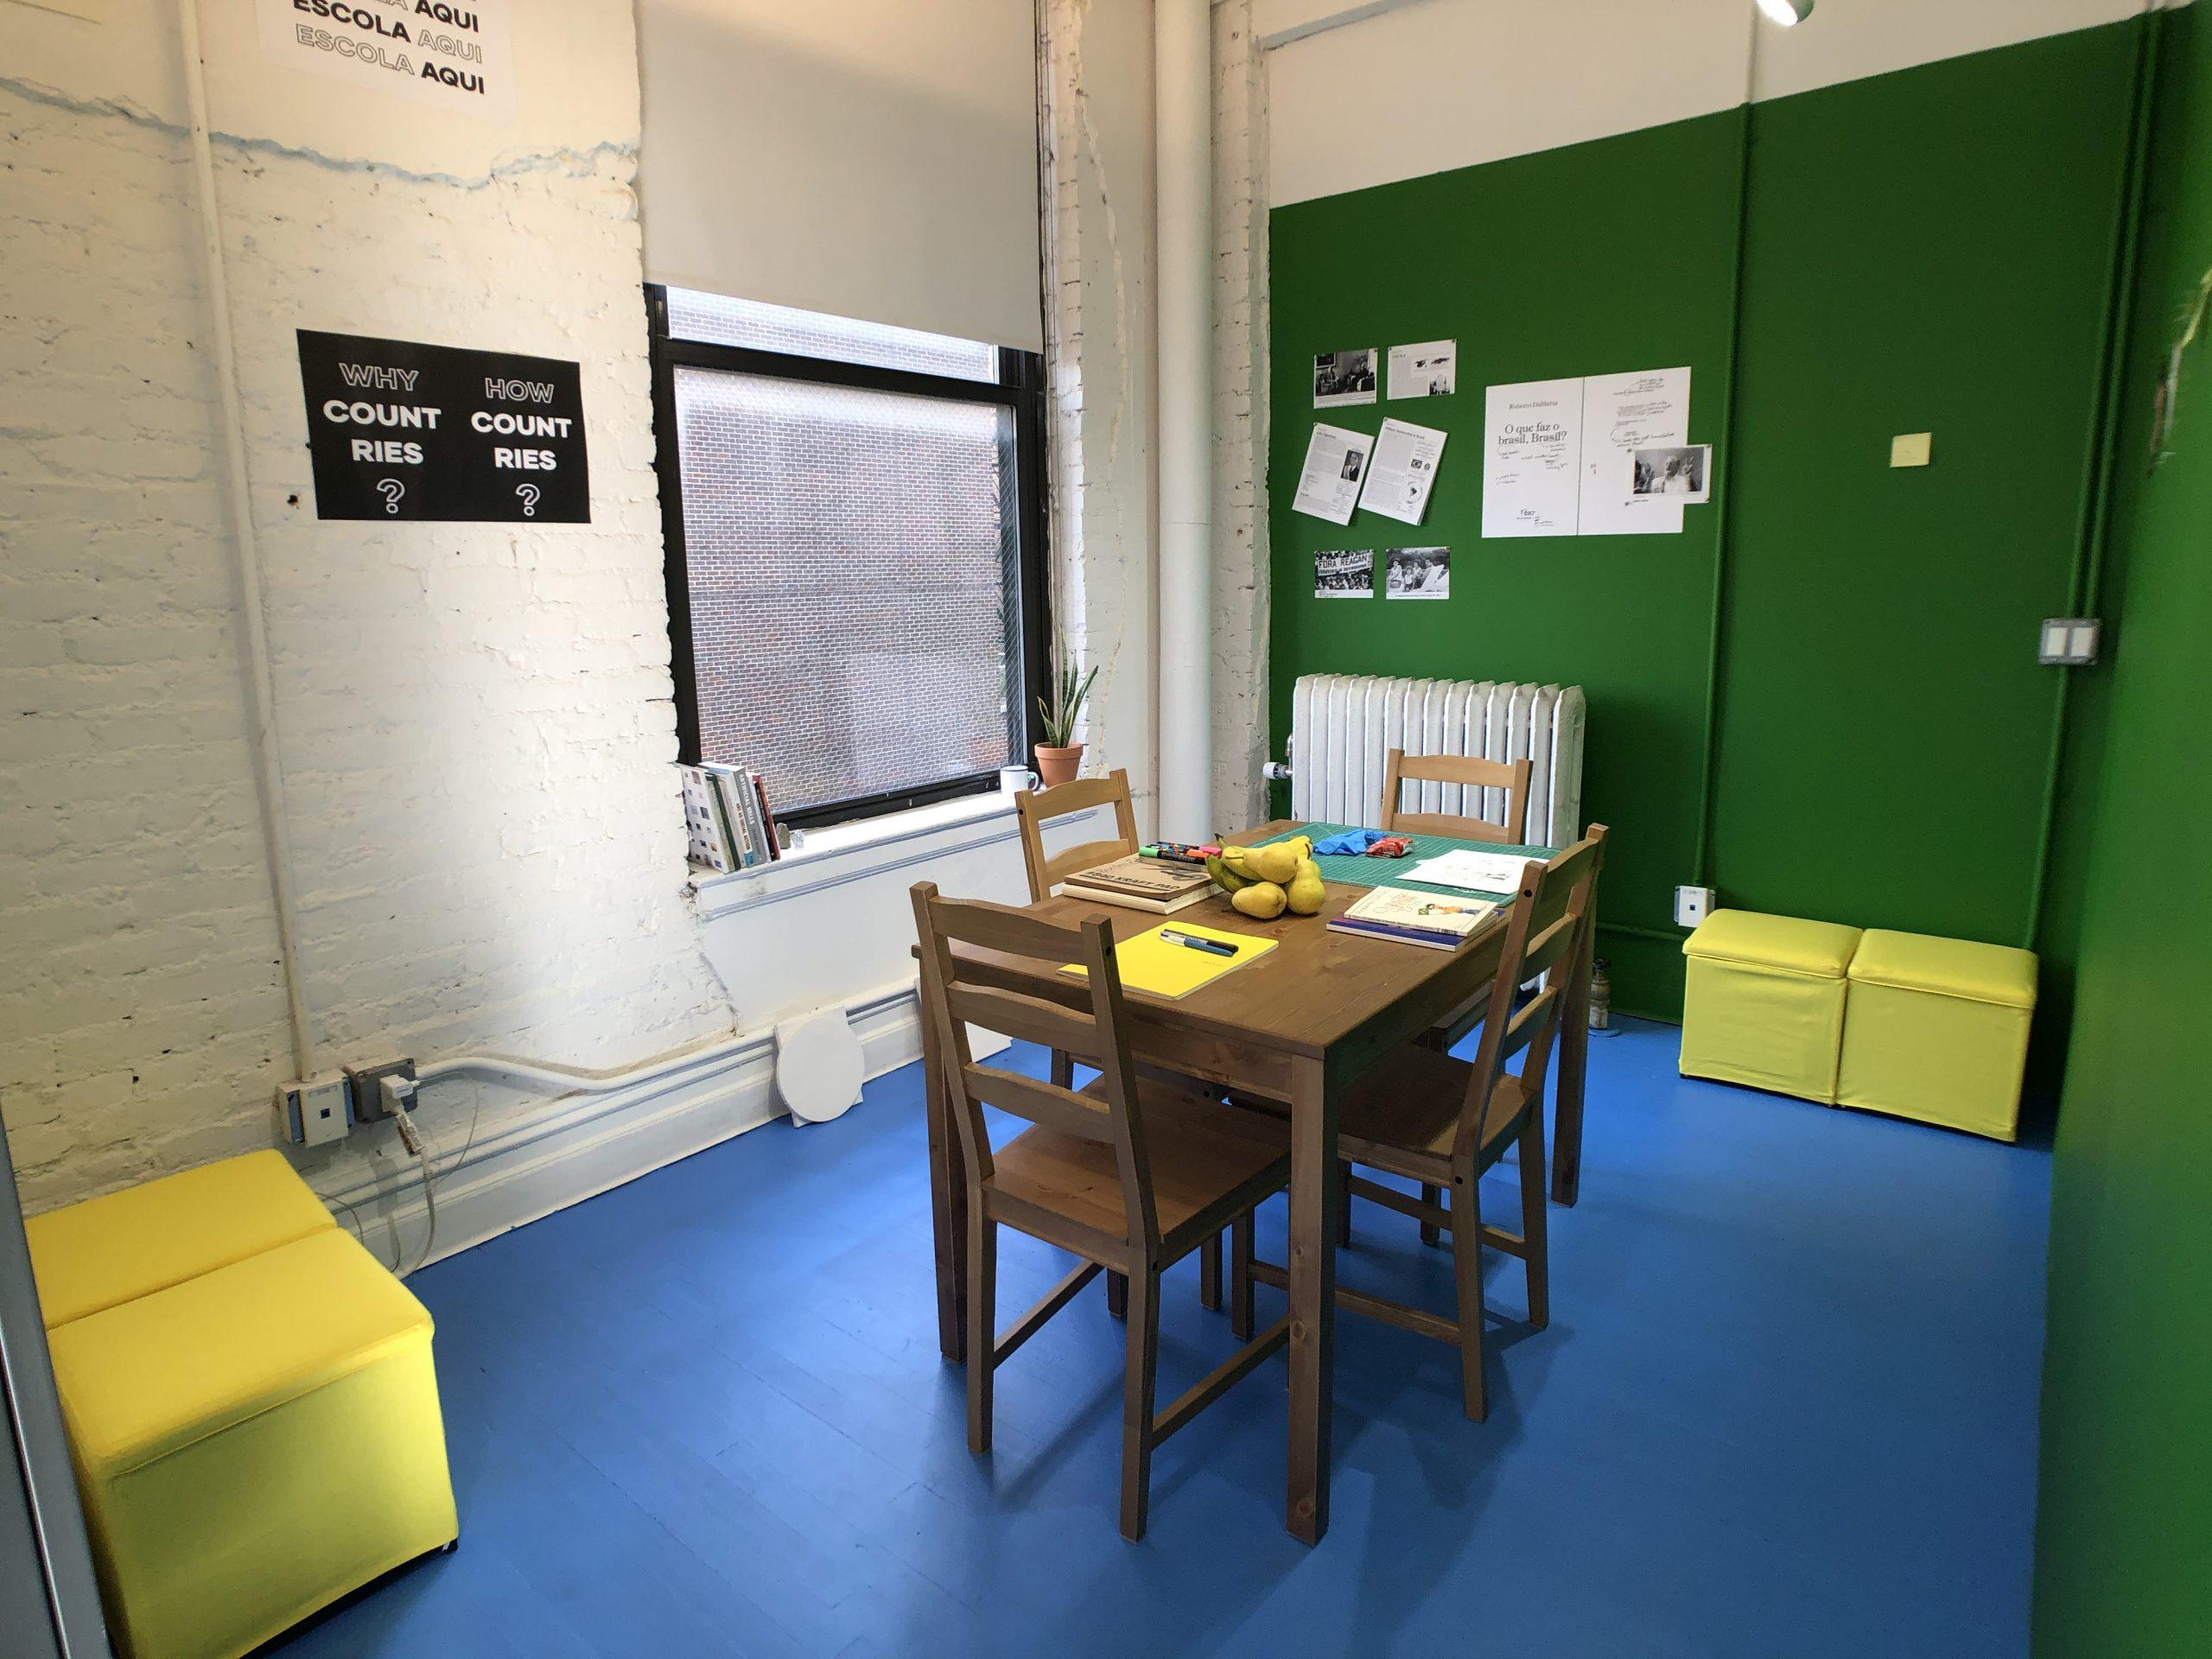 Escola Aqui at SVA FA Studio, 2019